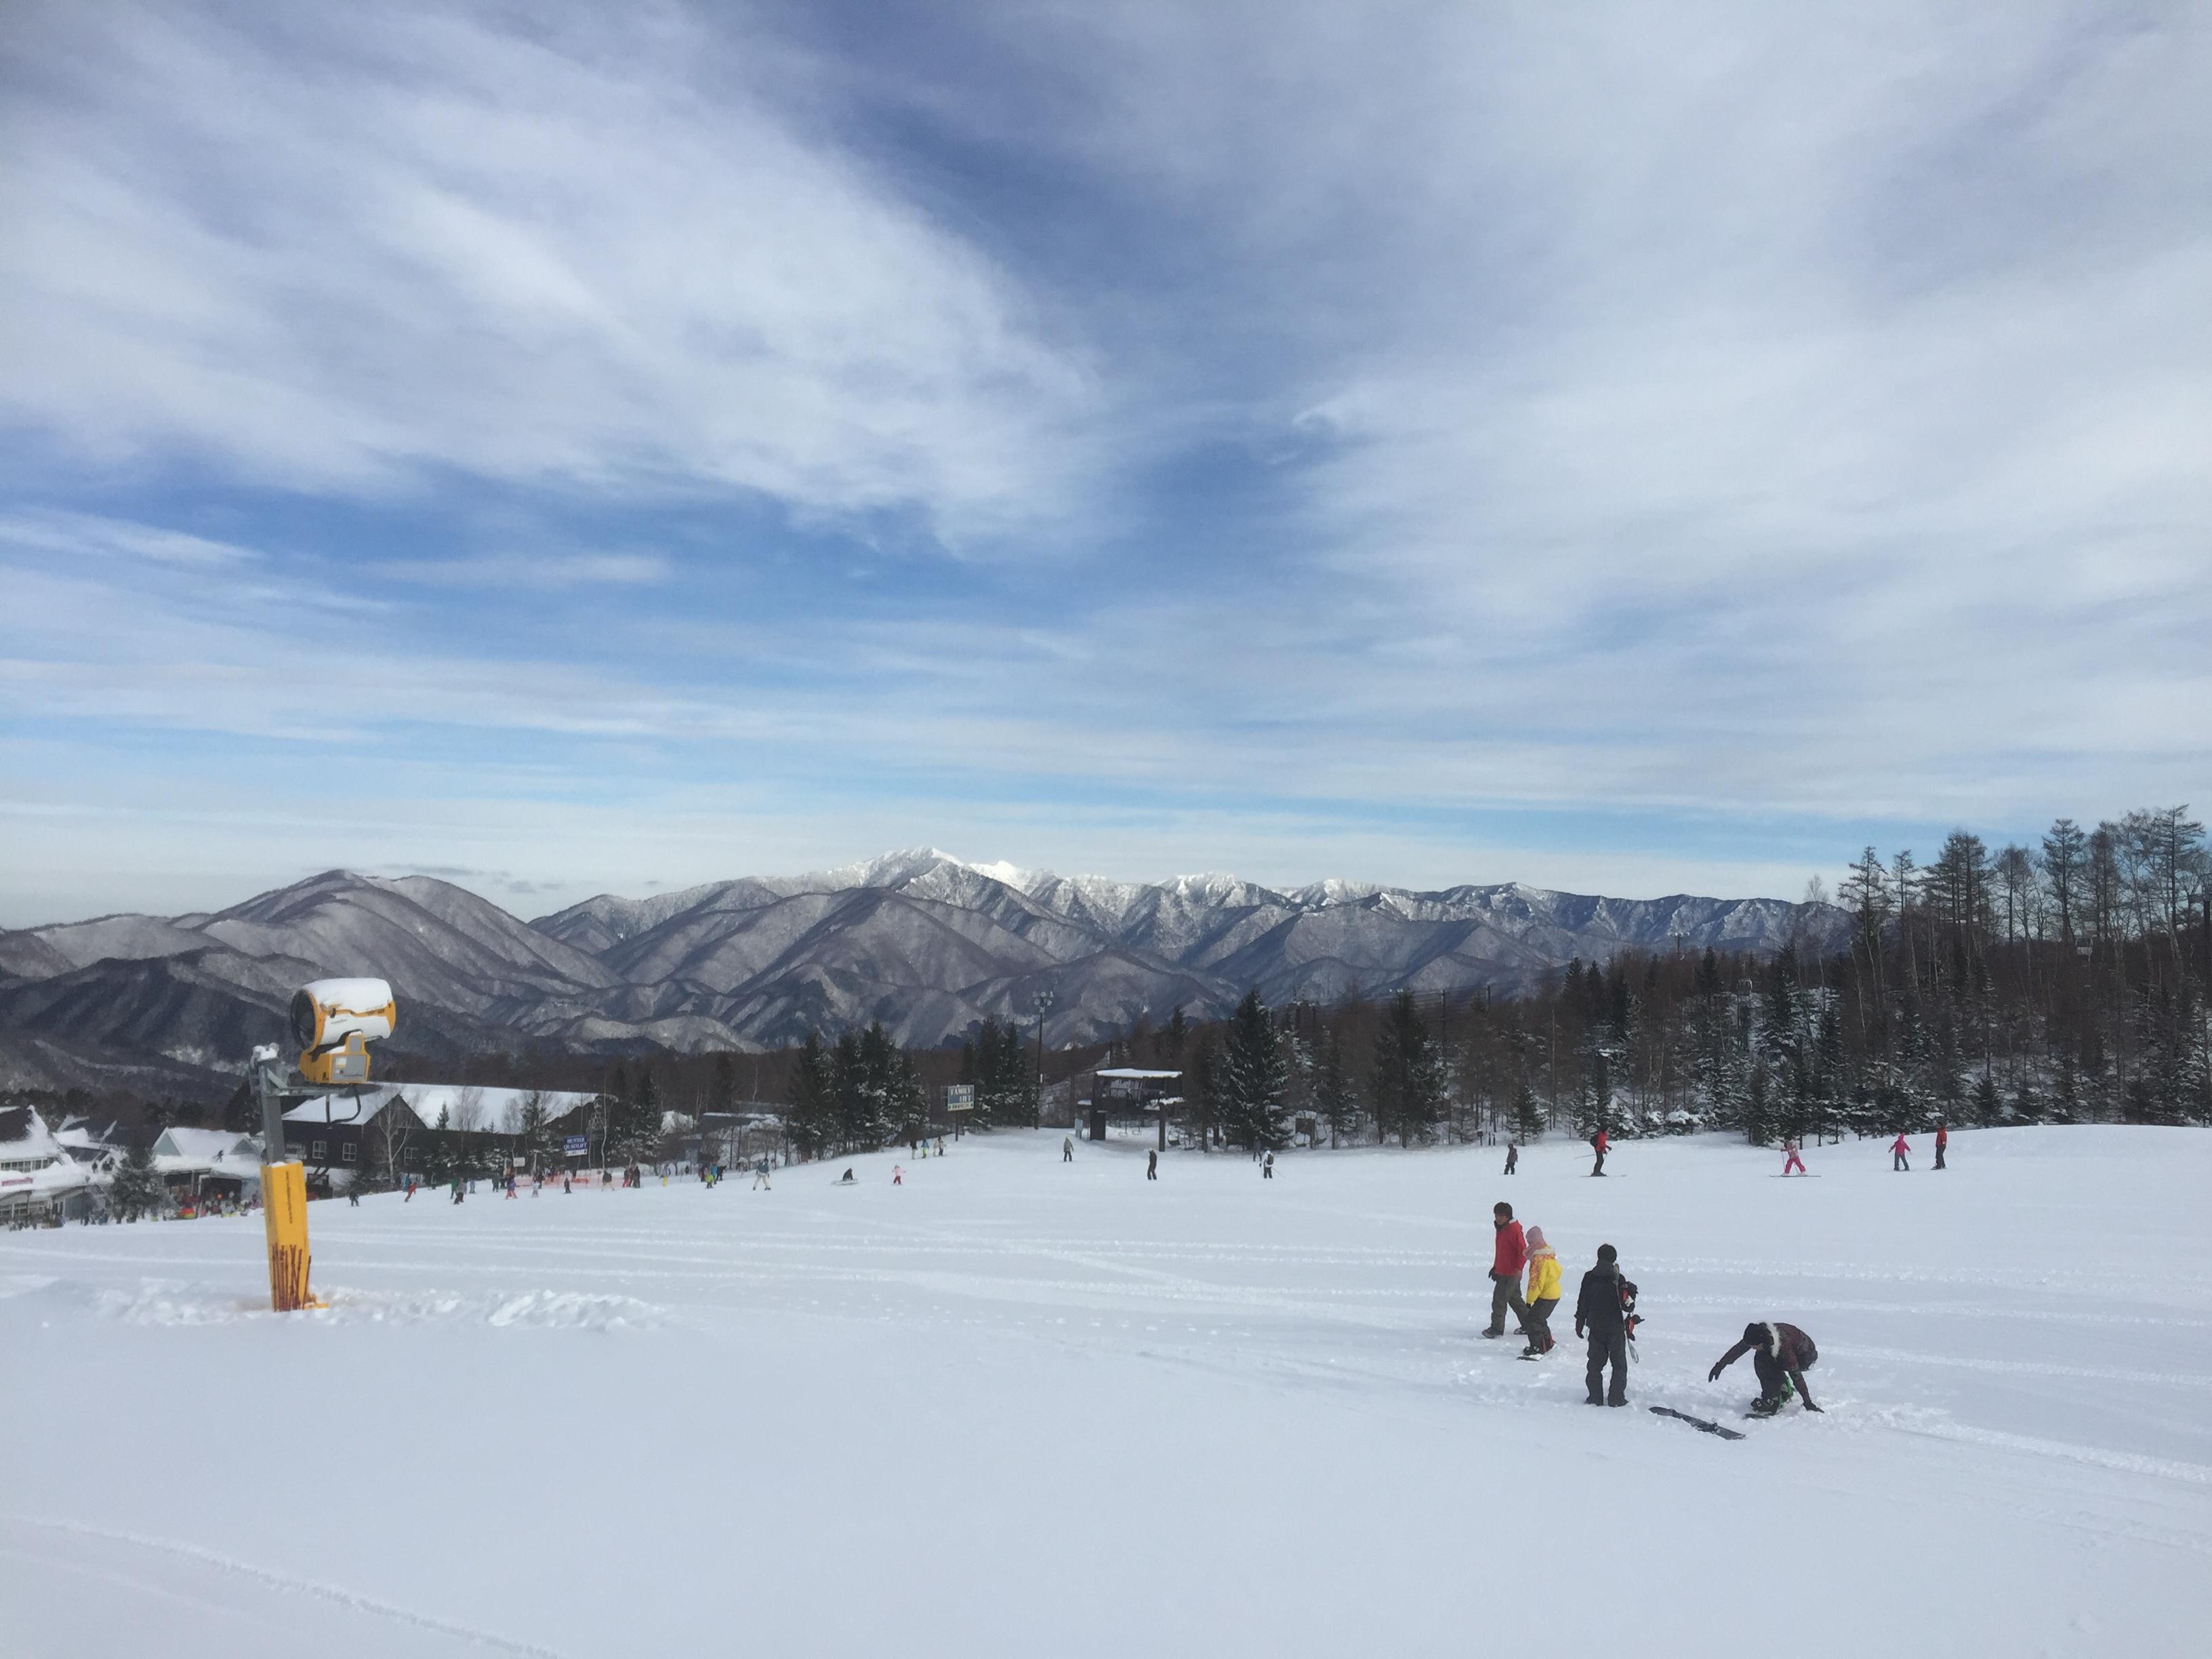 ハンターマウンテン塩原(スキー場/栃木県那須塩原市)